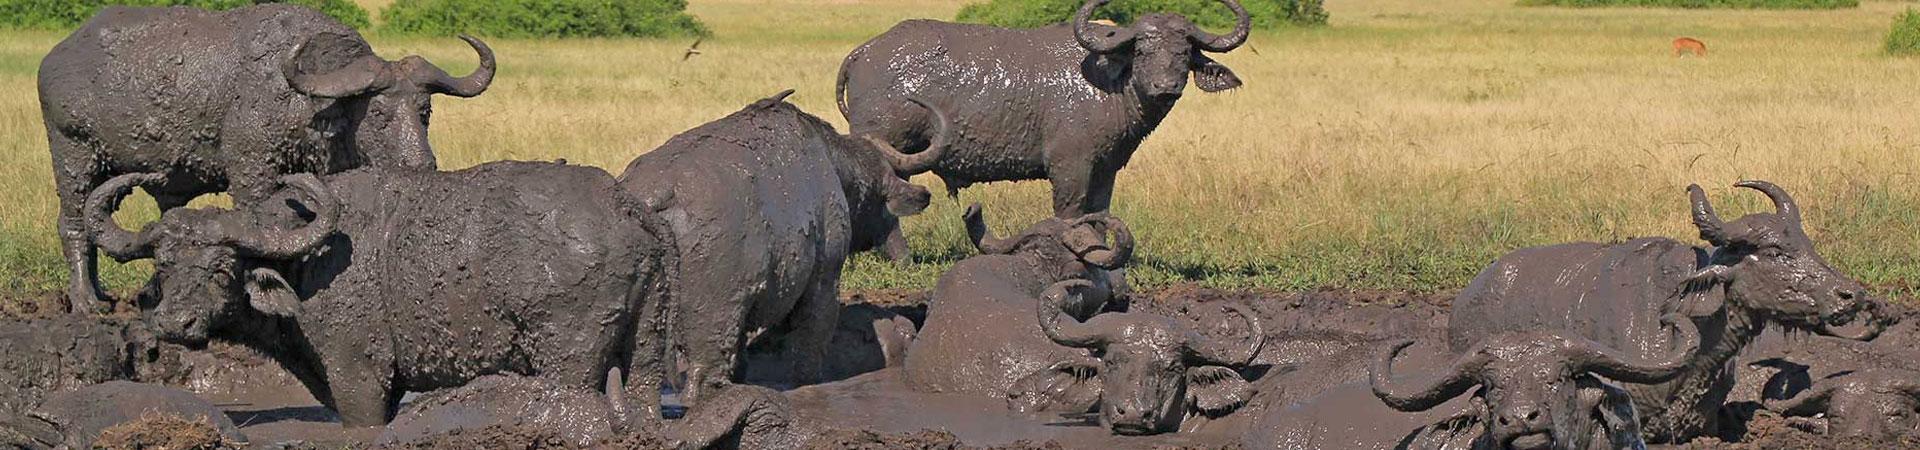 10-Day-Uganda-Safari-Rafting,-Primates,-Big-5-Wildlife-Tour